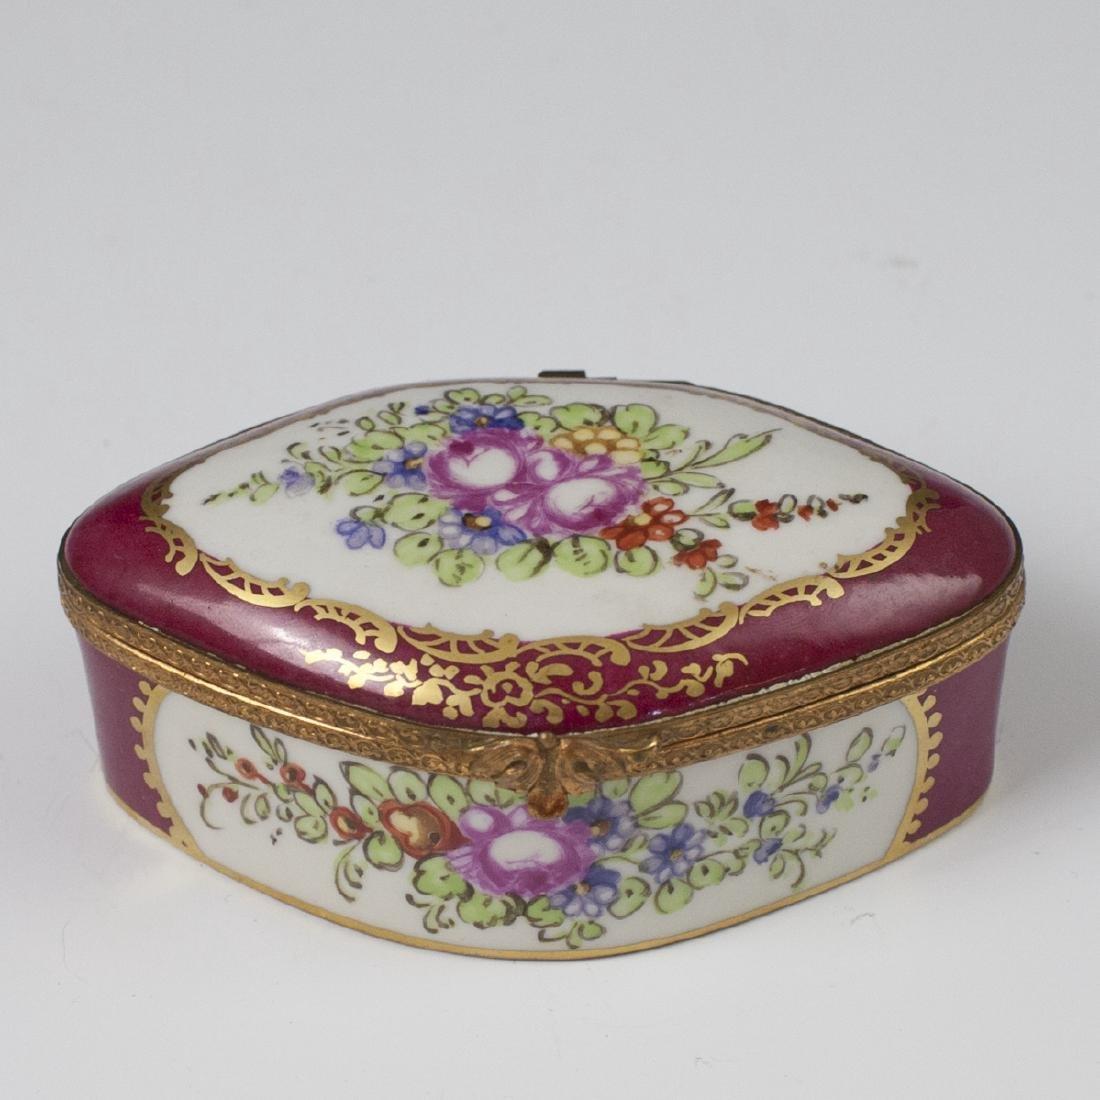 Limoges Sevres Style Porcelain Trinket Box